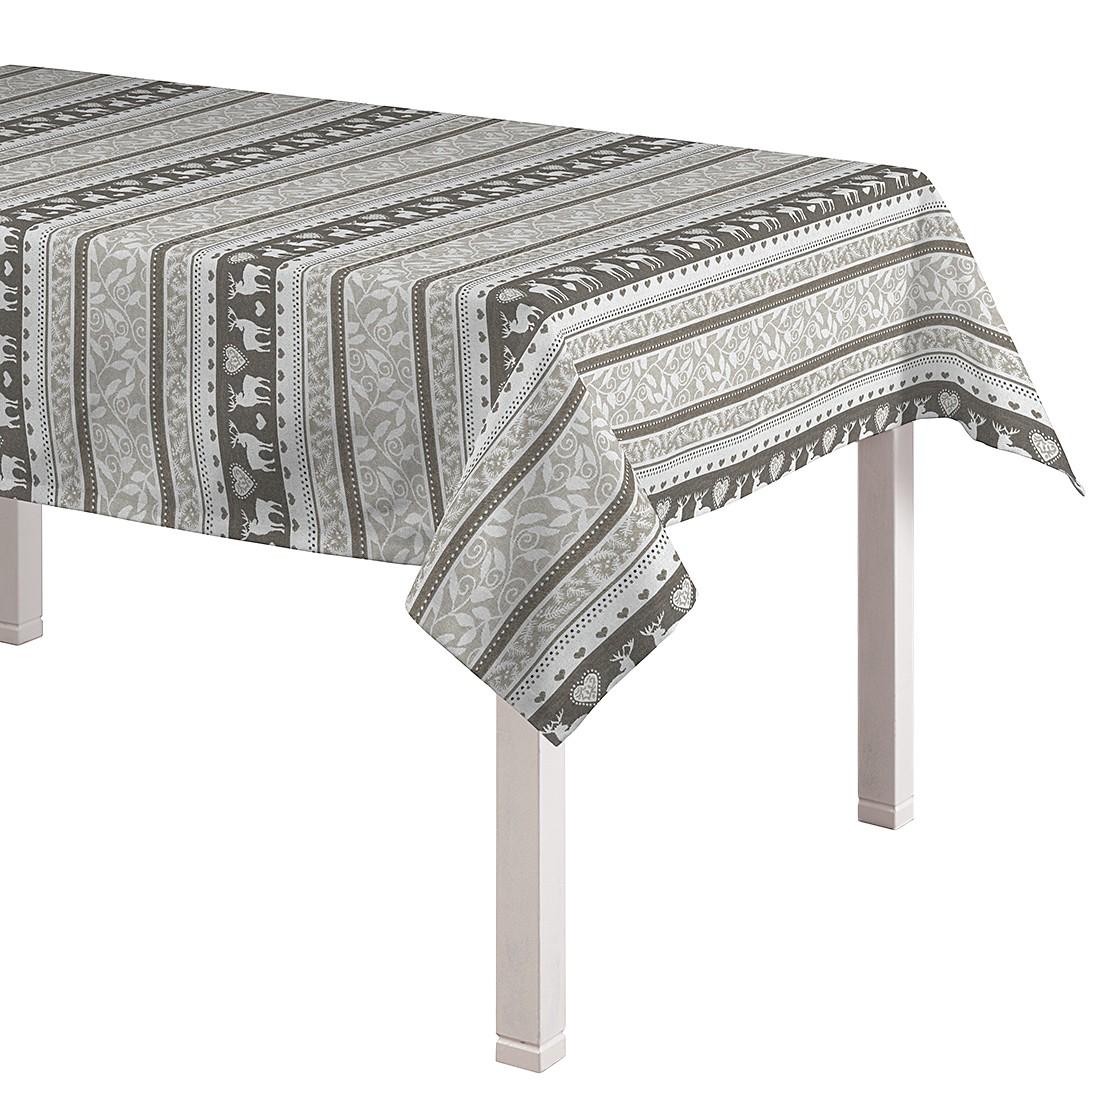 Tischdecke Rentiere – Grau / Grün – 130 x 280 cm, Dekoria günstig bestellen